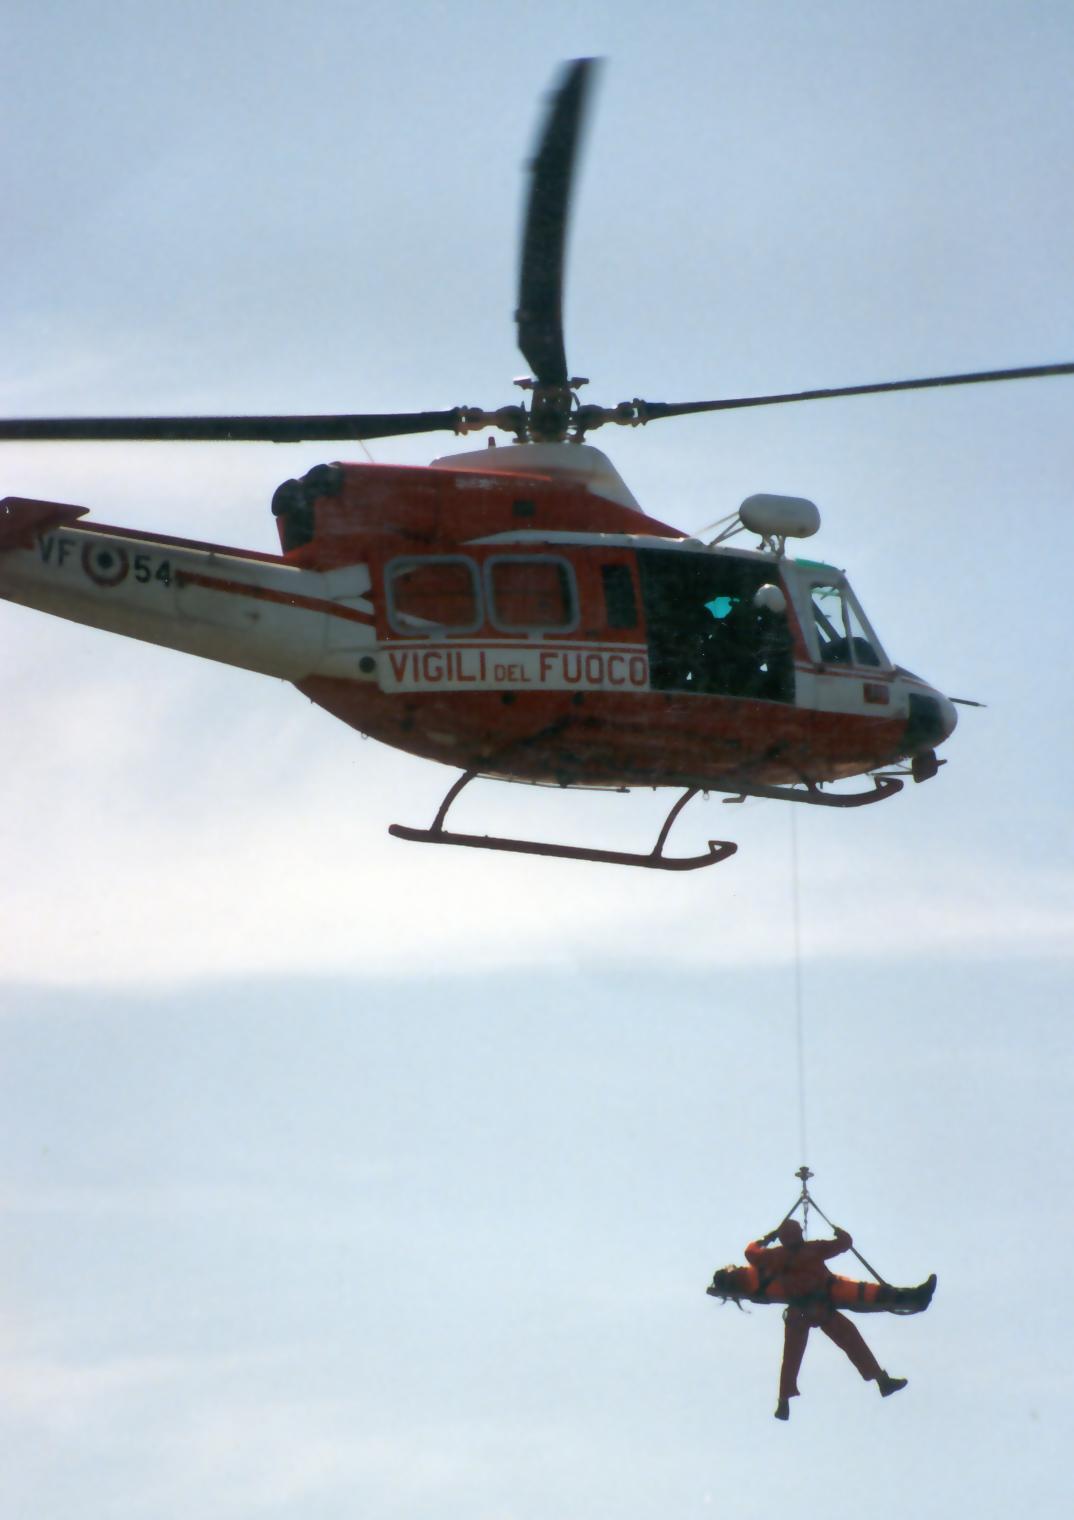 Insetto Elicottero Wikipedia : Ricerca e soccorso wikipedia